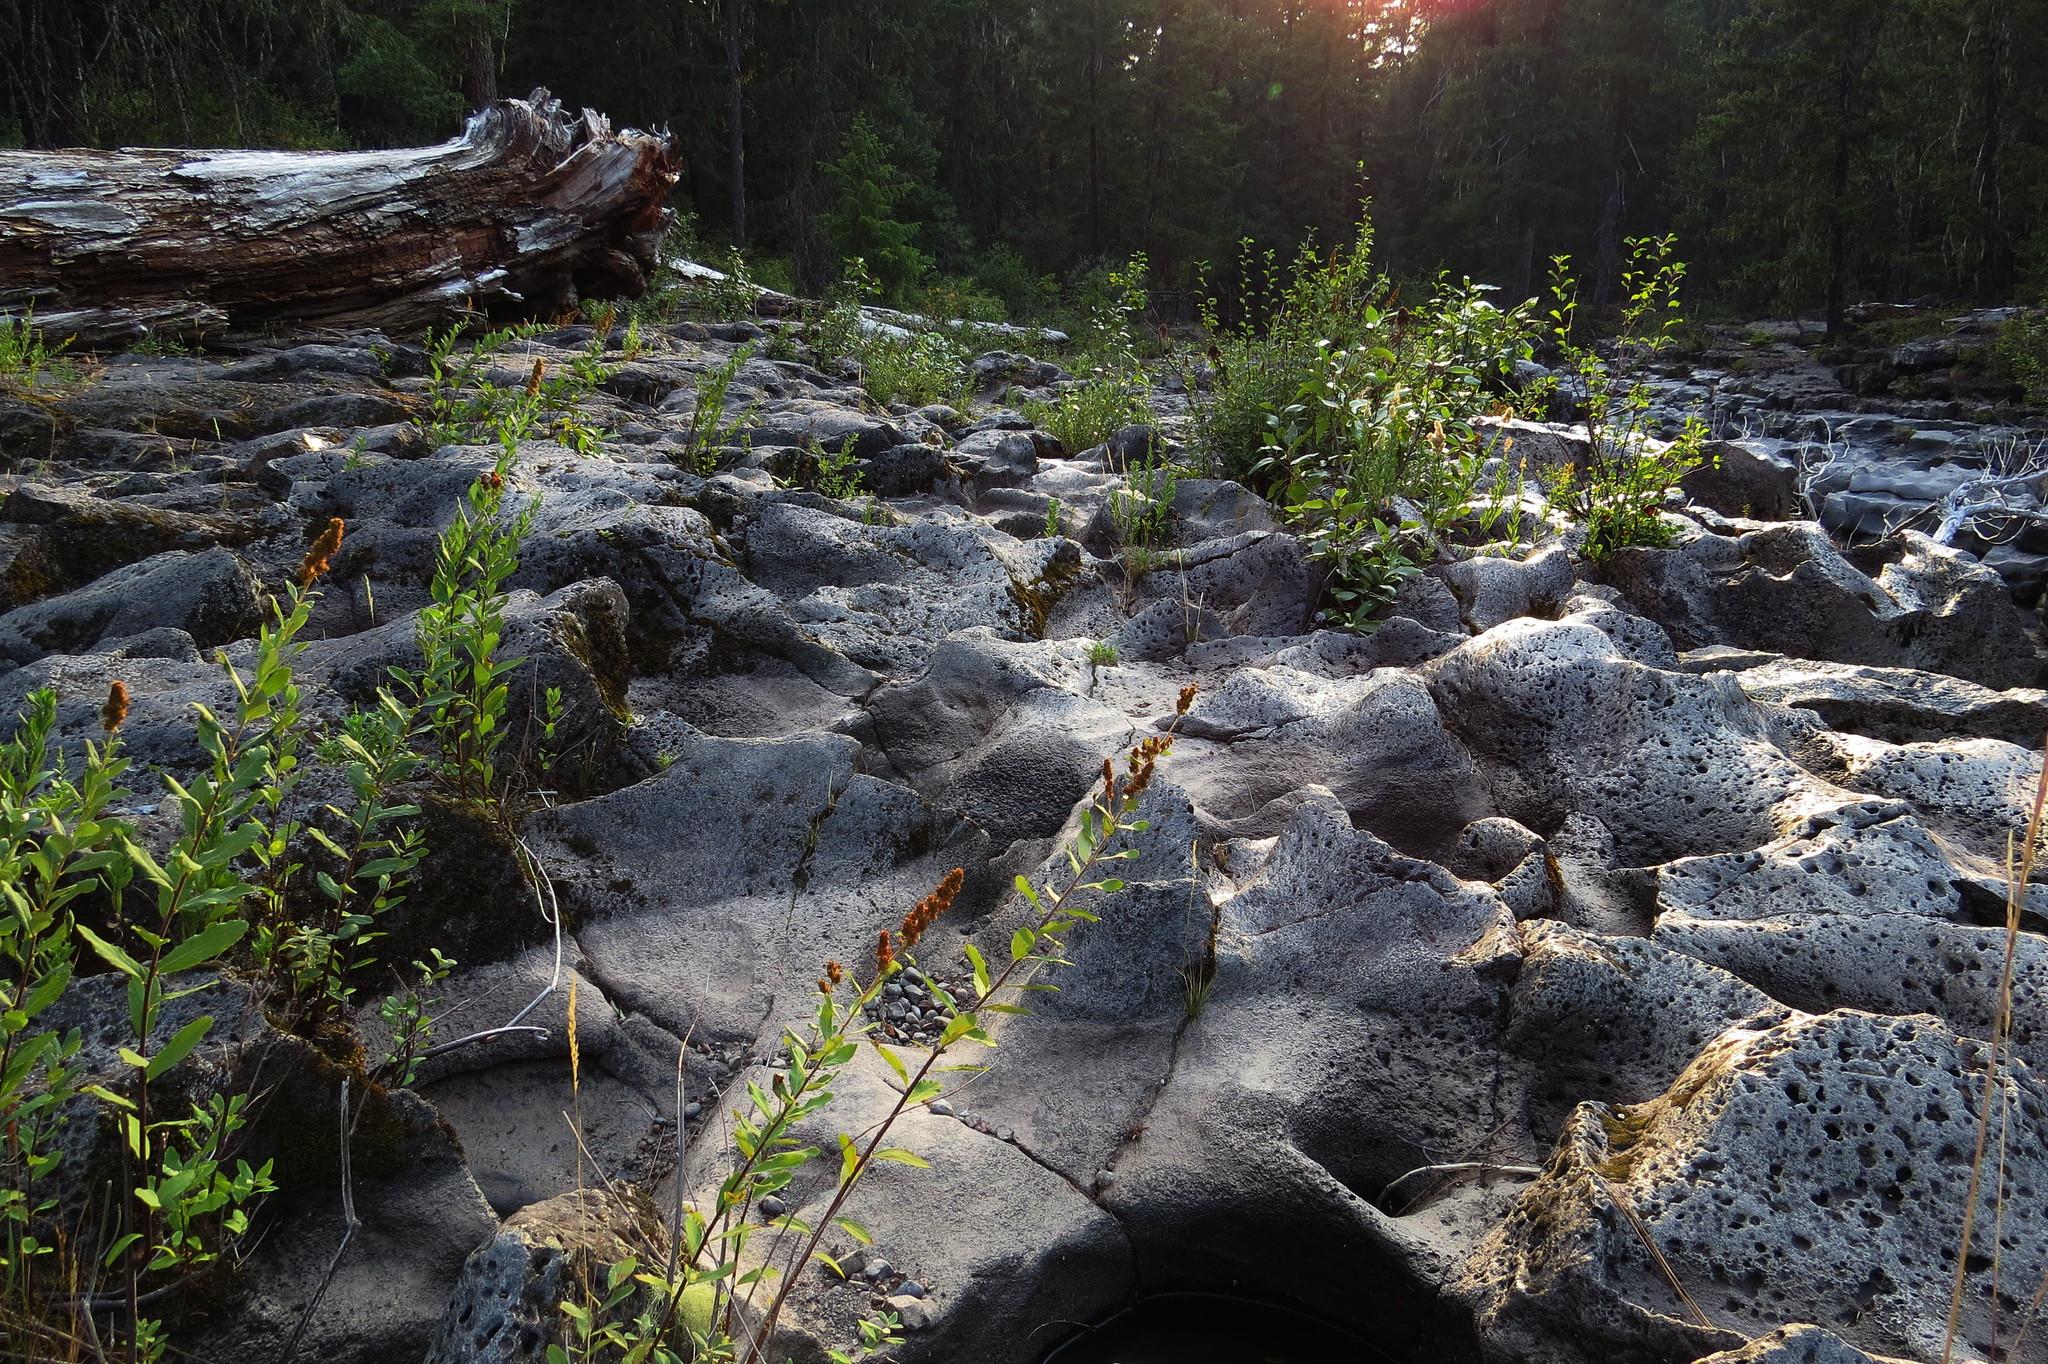 Rogue River Gorge, Oregon